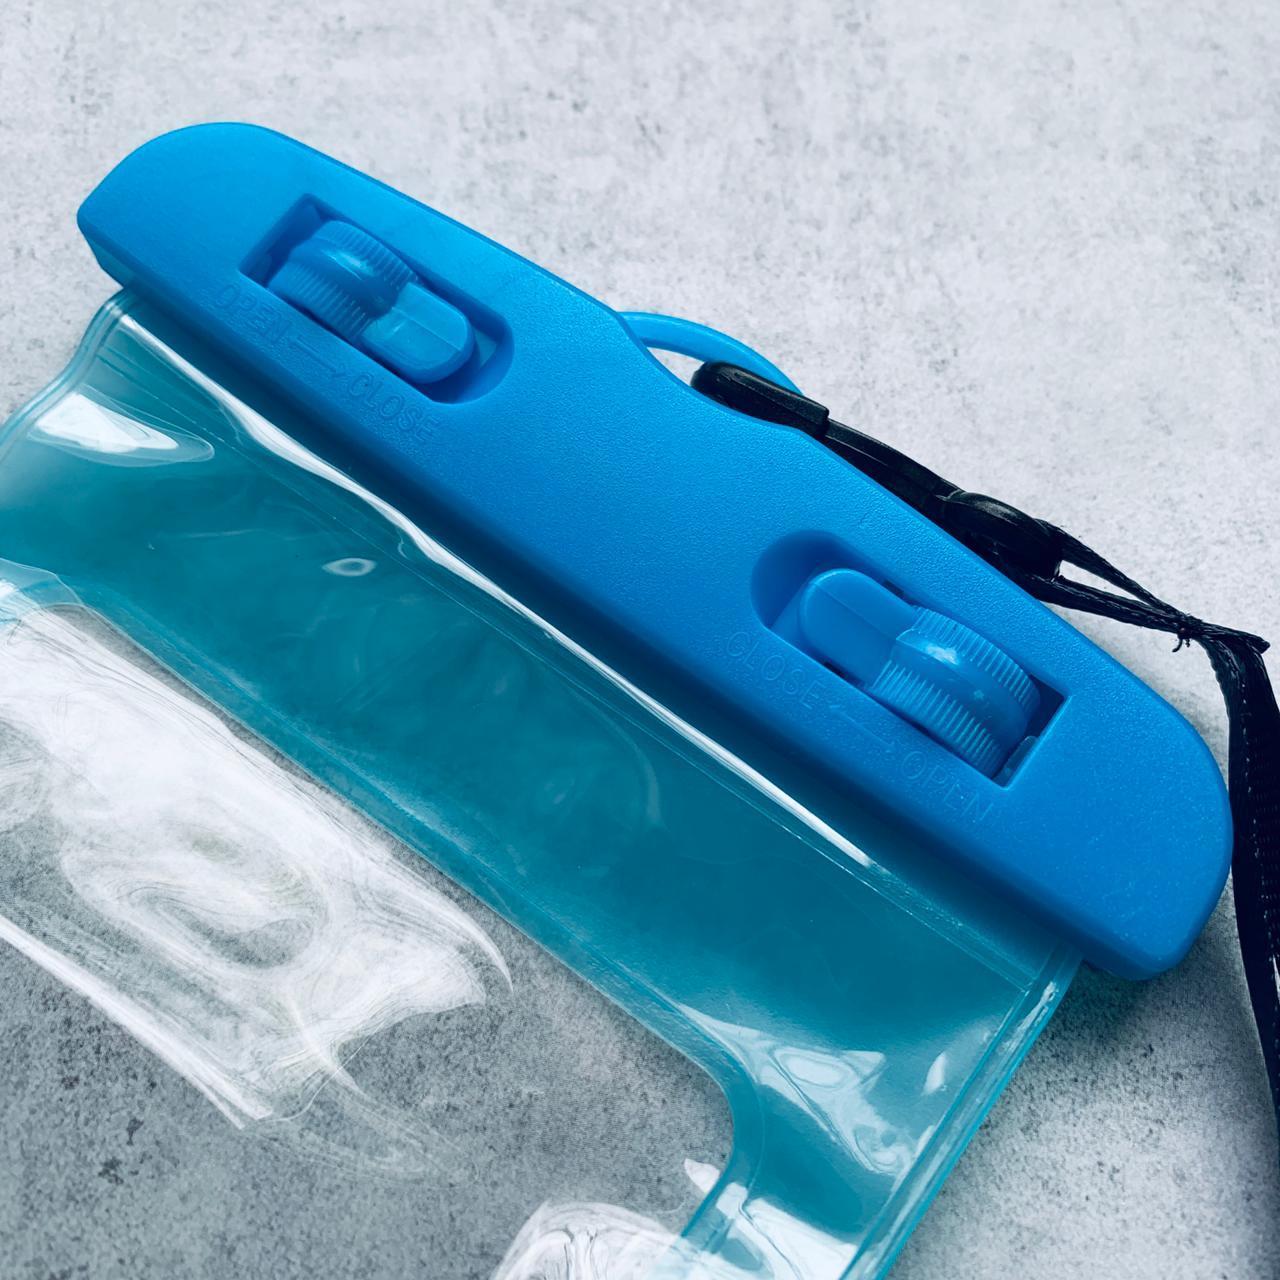 Водонепроницаемый чехол для телефона, размер 20*10.5 см Голубой